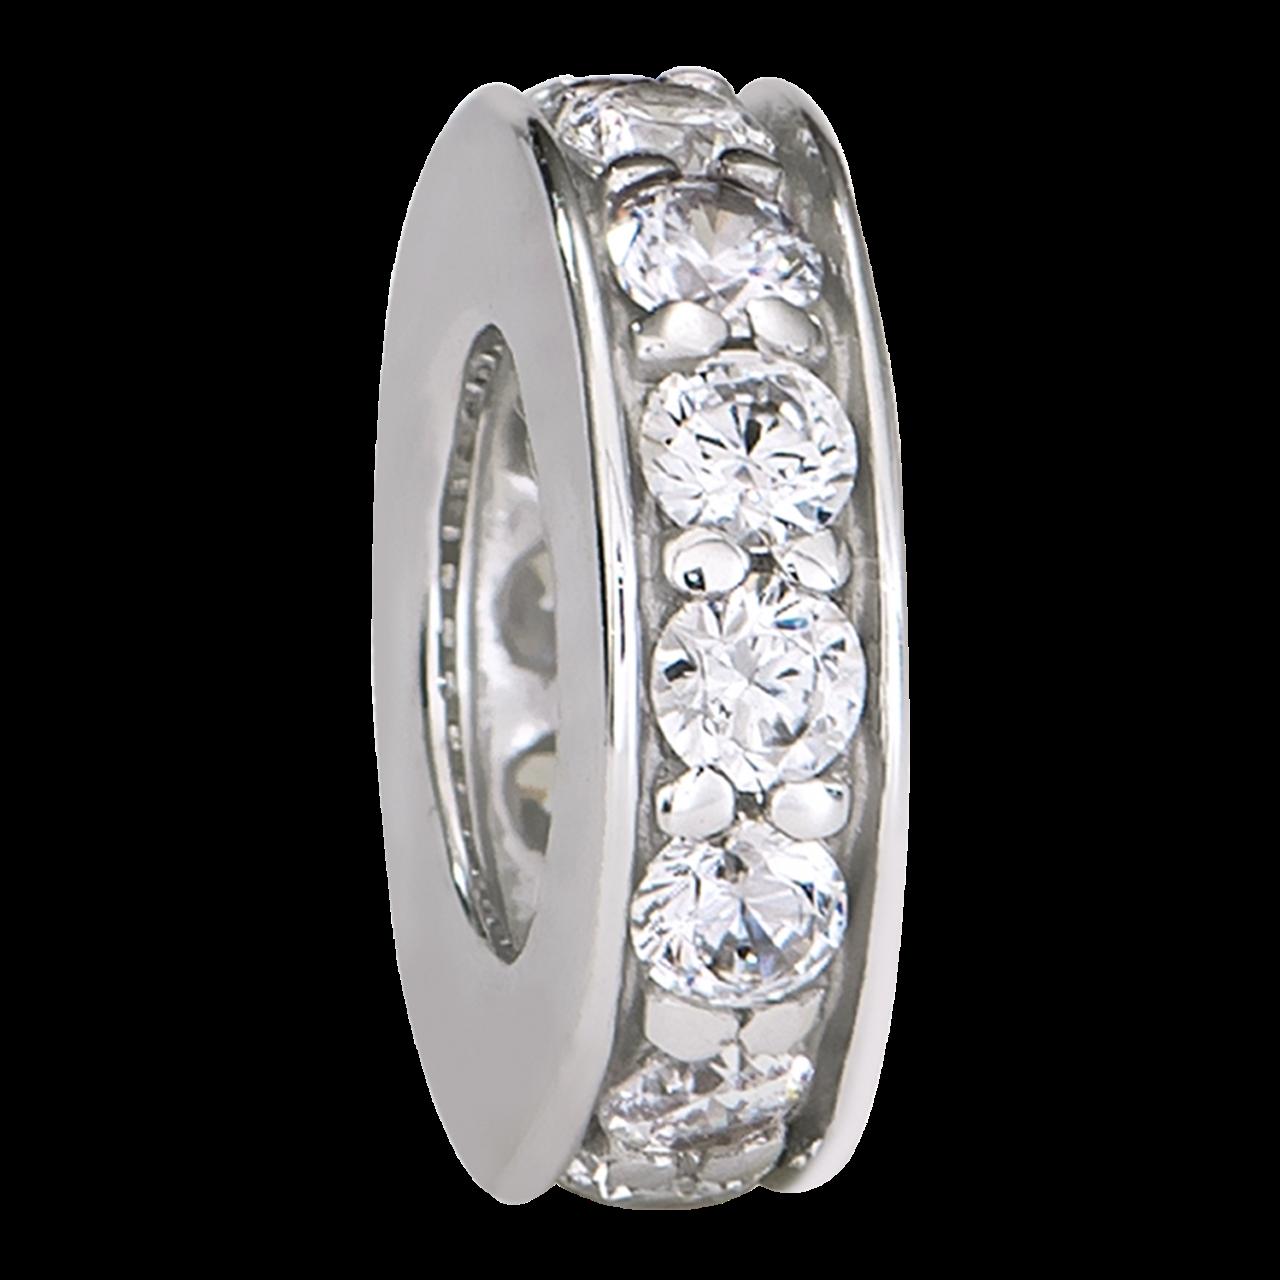 Hạt Charm Me Vàng trắng Ý 18K đính đá CZ PNJ hình tròn dẹt XM00W000029